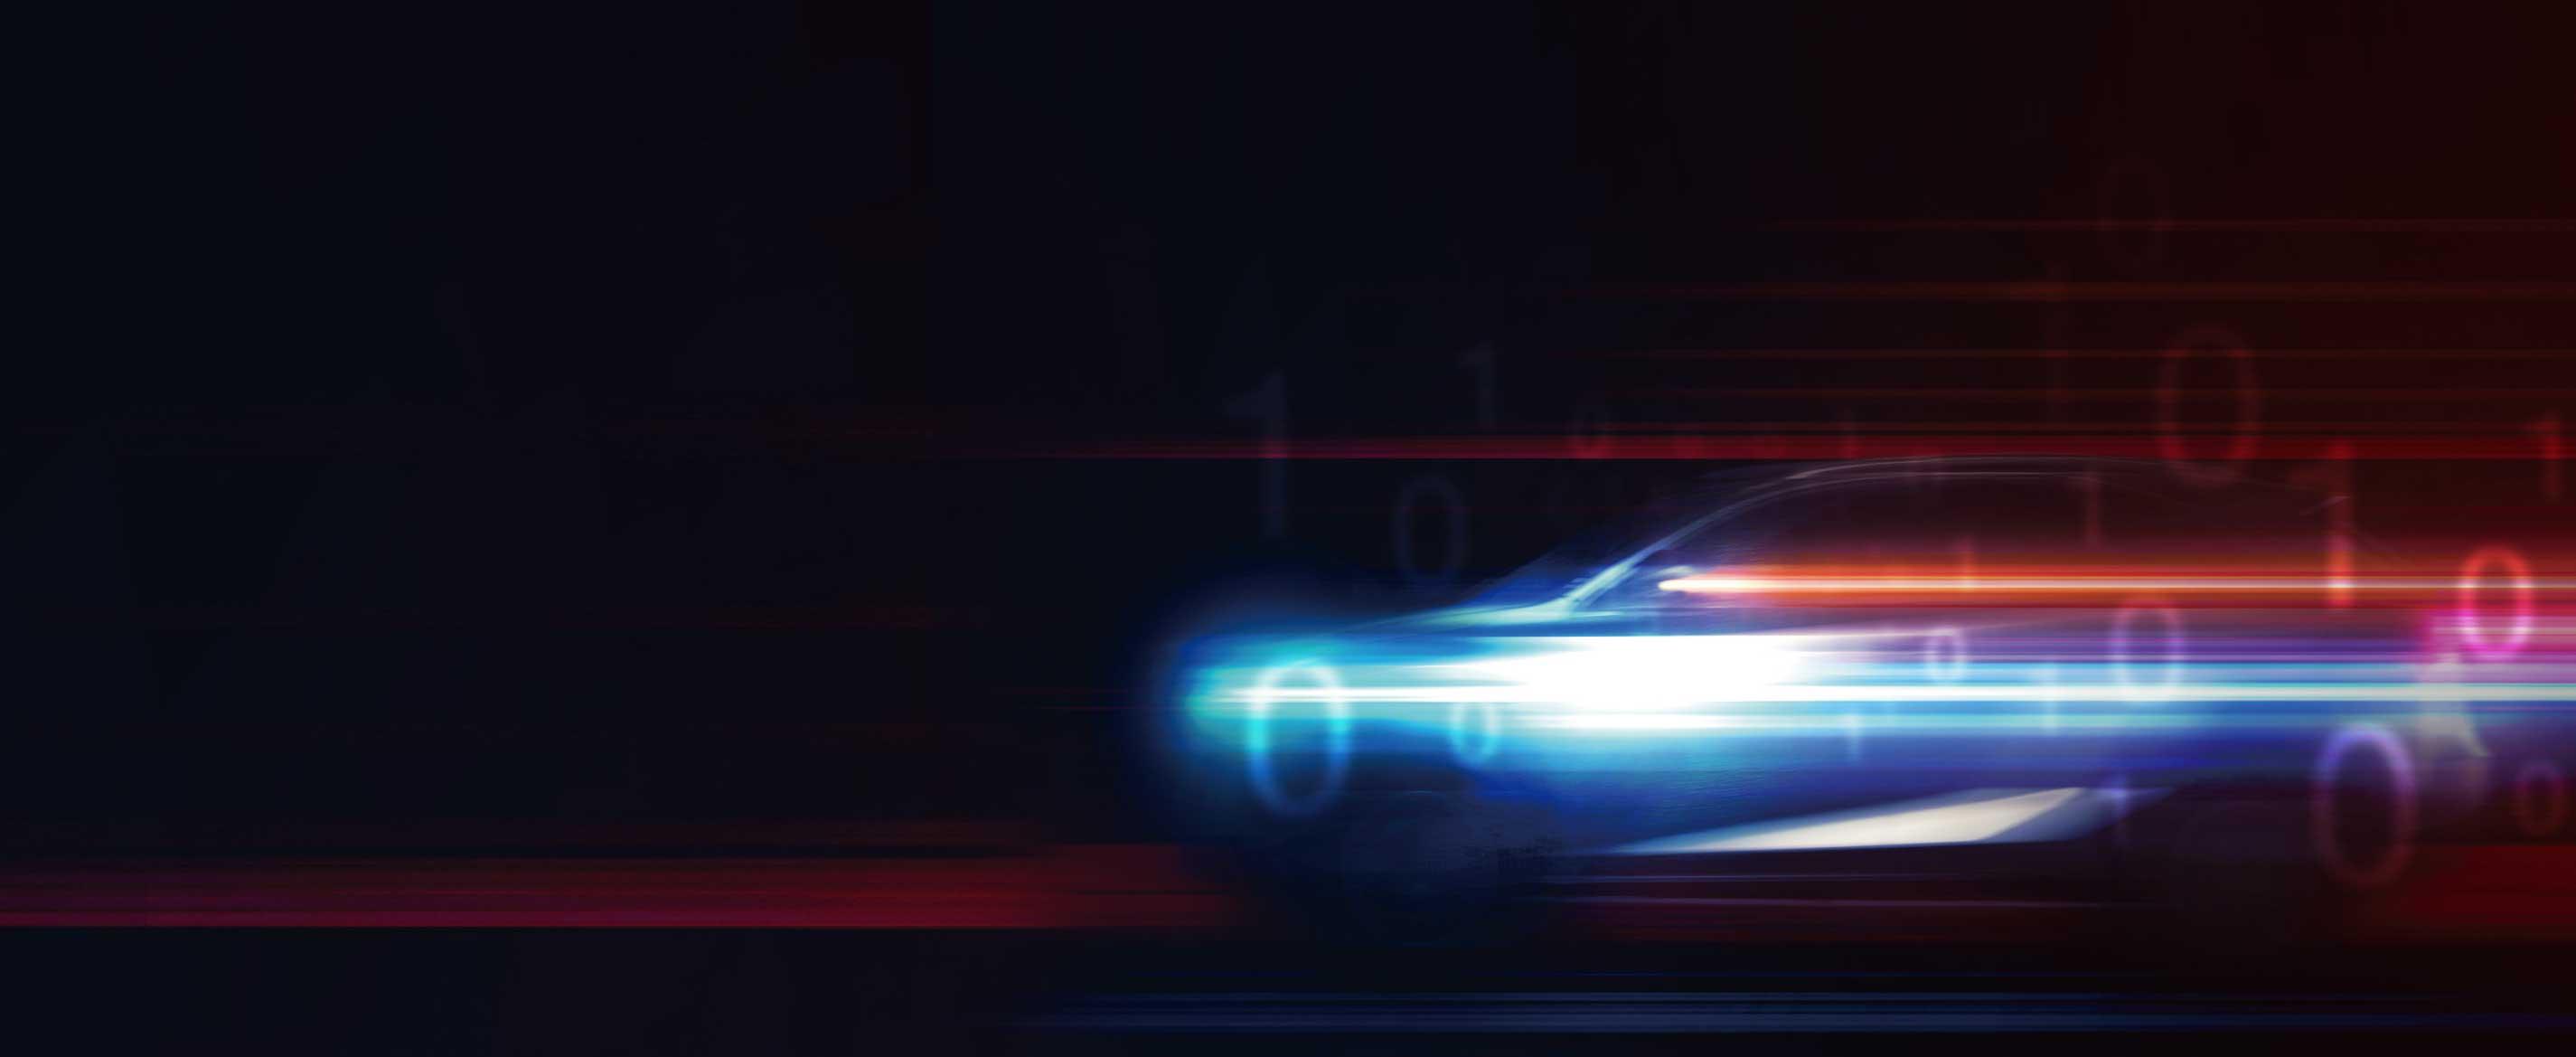 软件定义汽车-中国智能汽车软件产业发展趋势洞见